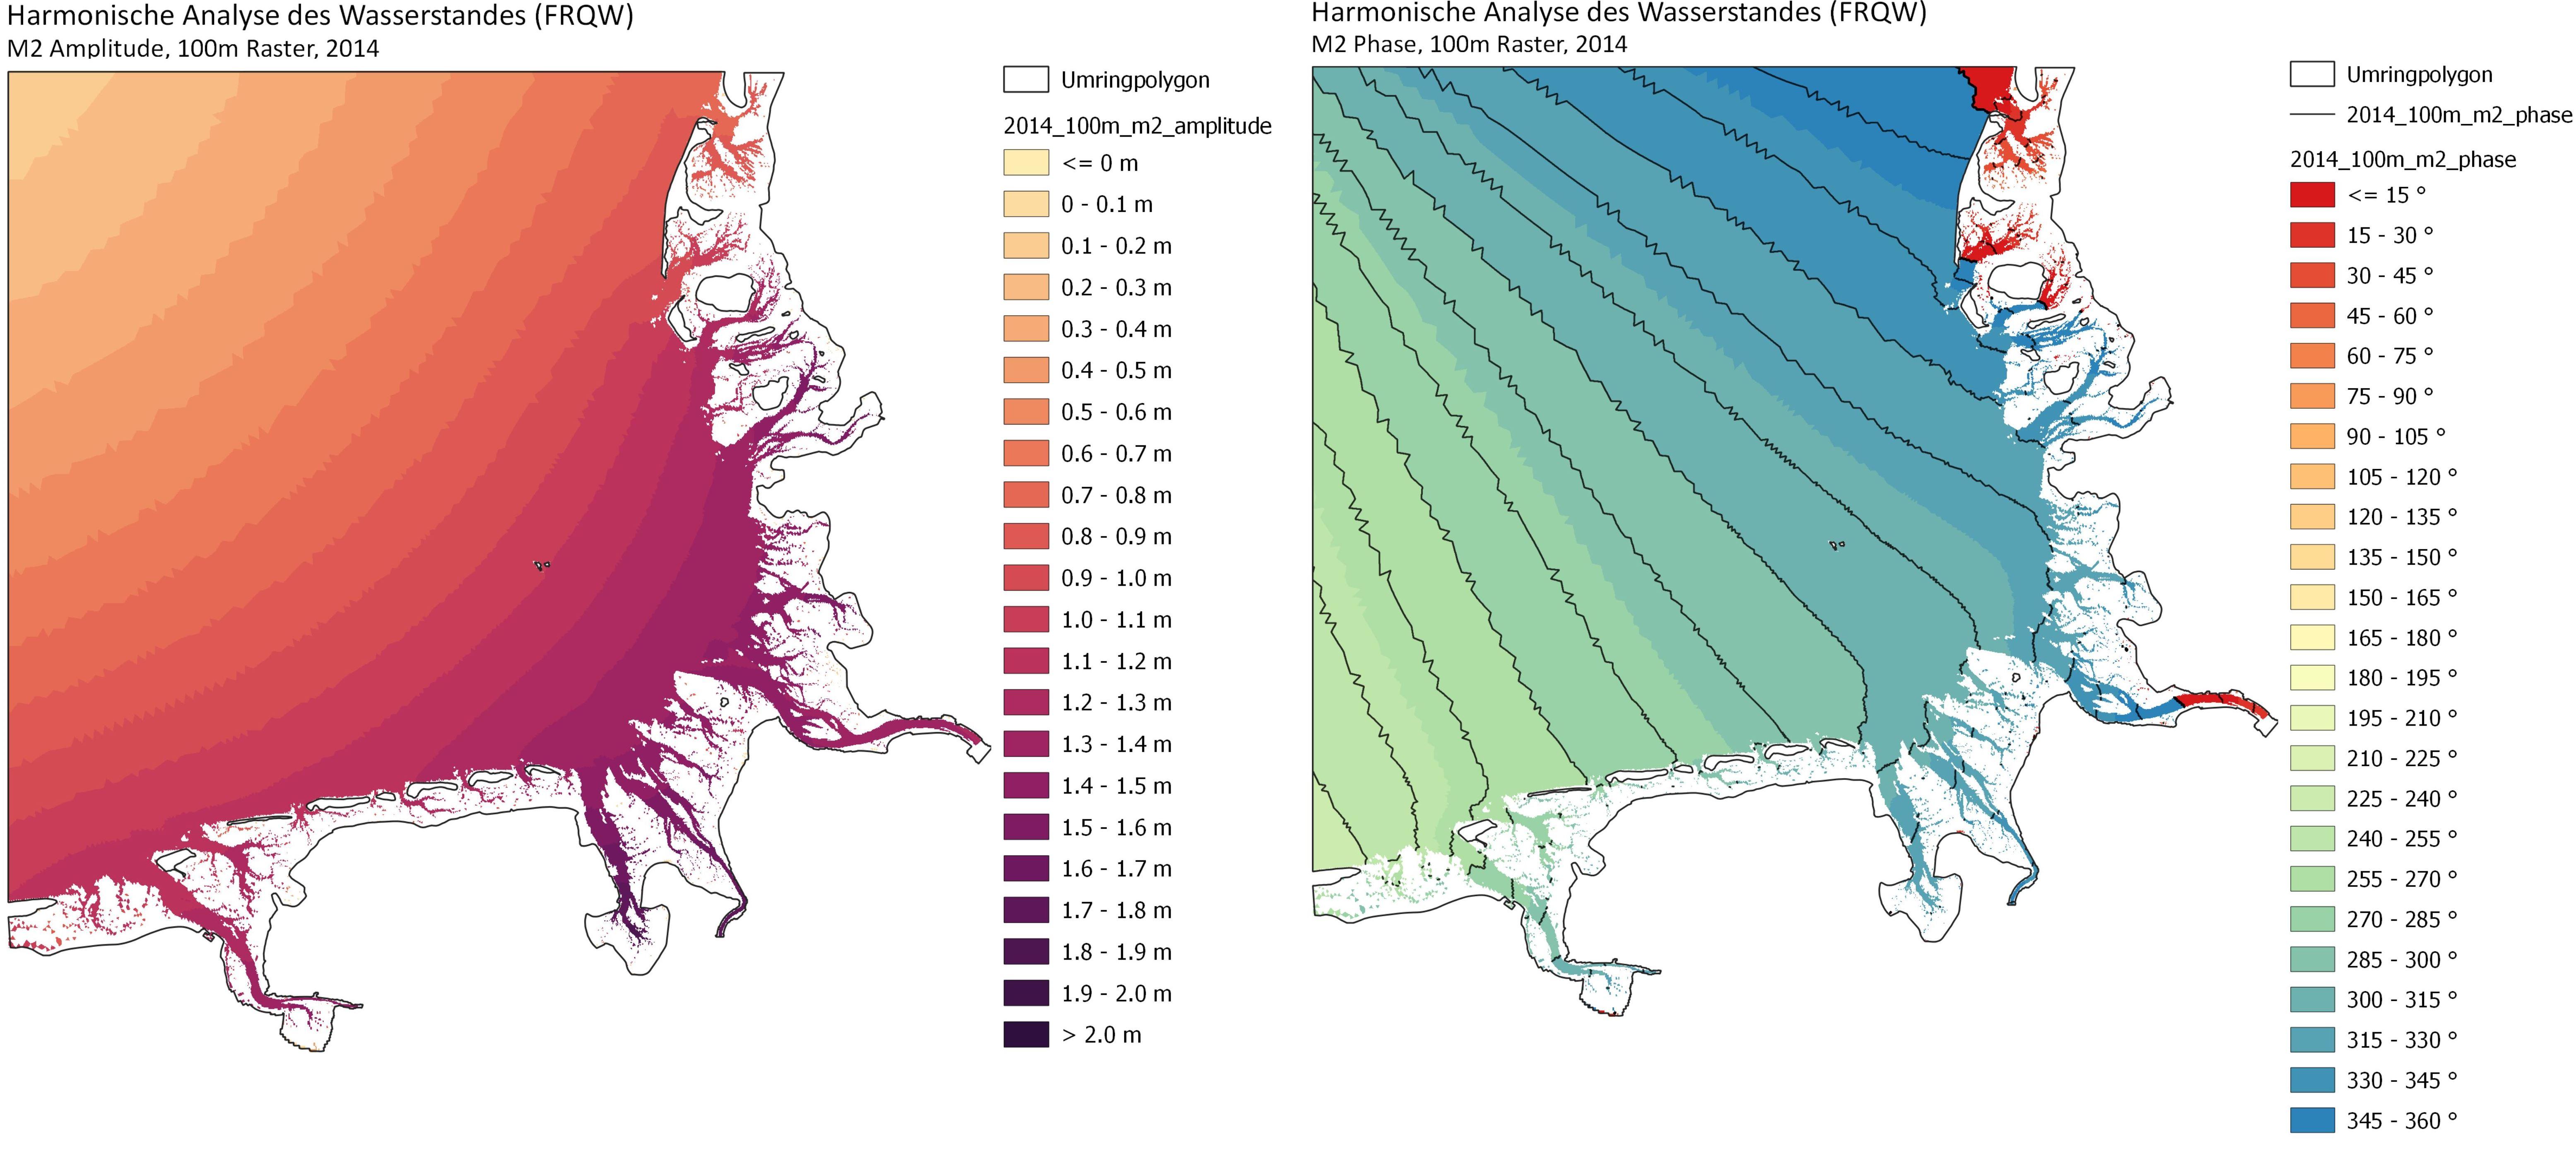 Überblick über die Harmonische Analyse des Wasserstandes für das Beispieljahr 2014.